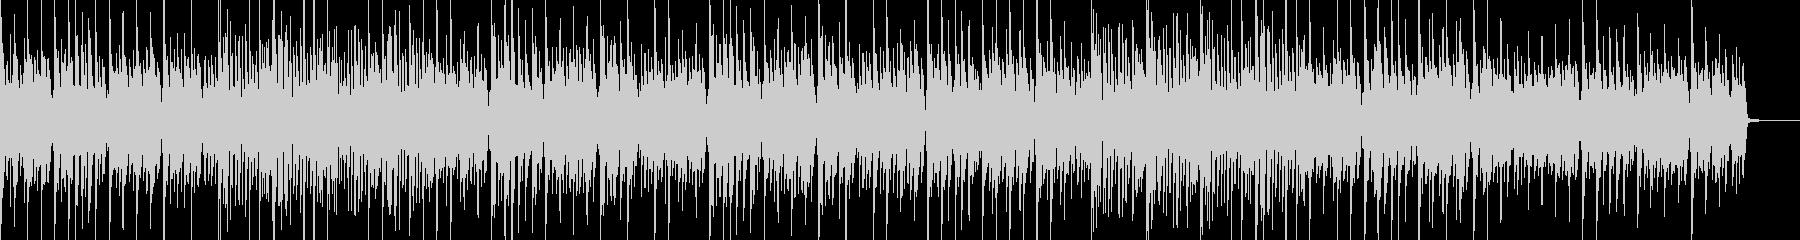 古いピアノが奏でる軽快なBGMの未再生の波形